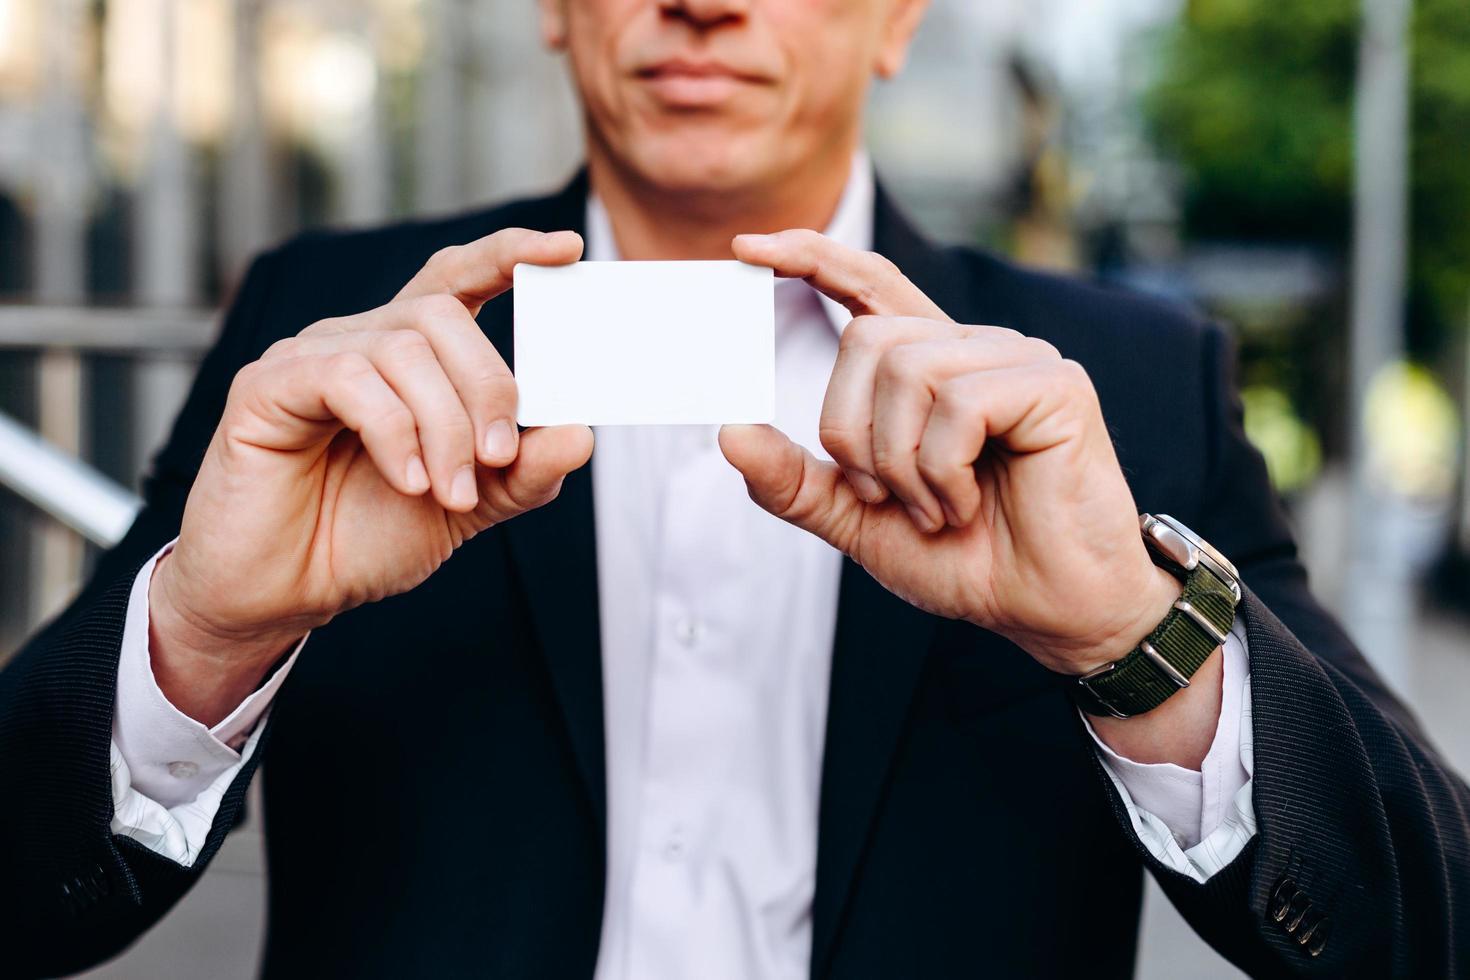 primo piano bianco vuoto vuoto mockup di biglietto da visita in mani maschili - copia spazio foto